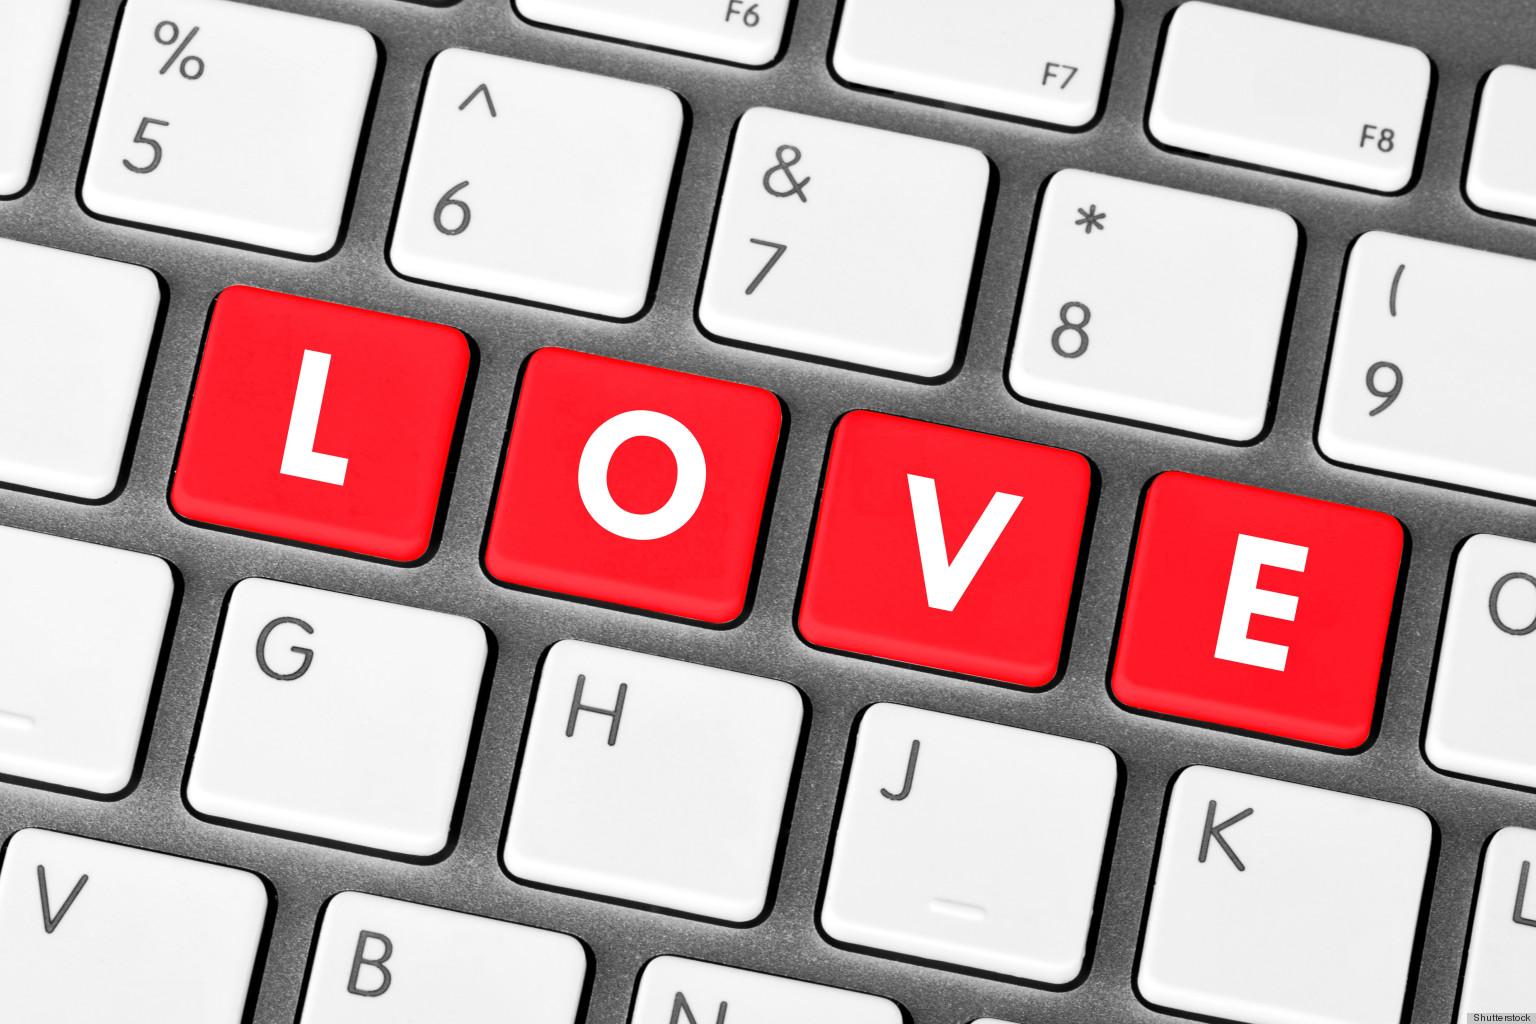 Trouver l'amour : pas facile lorsque l'on n'a pas confiance en soi